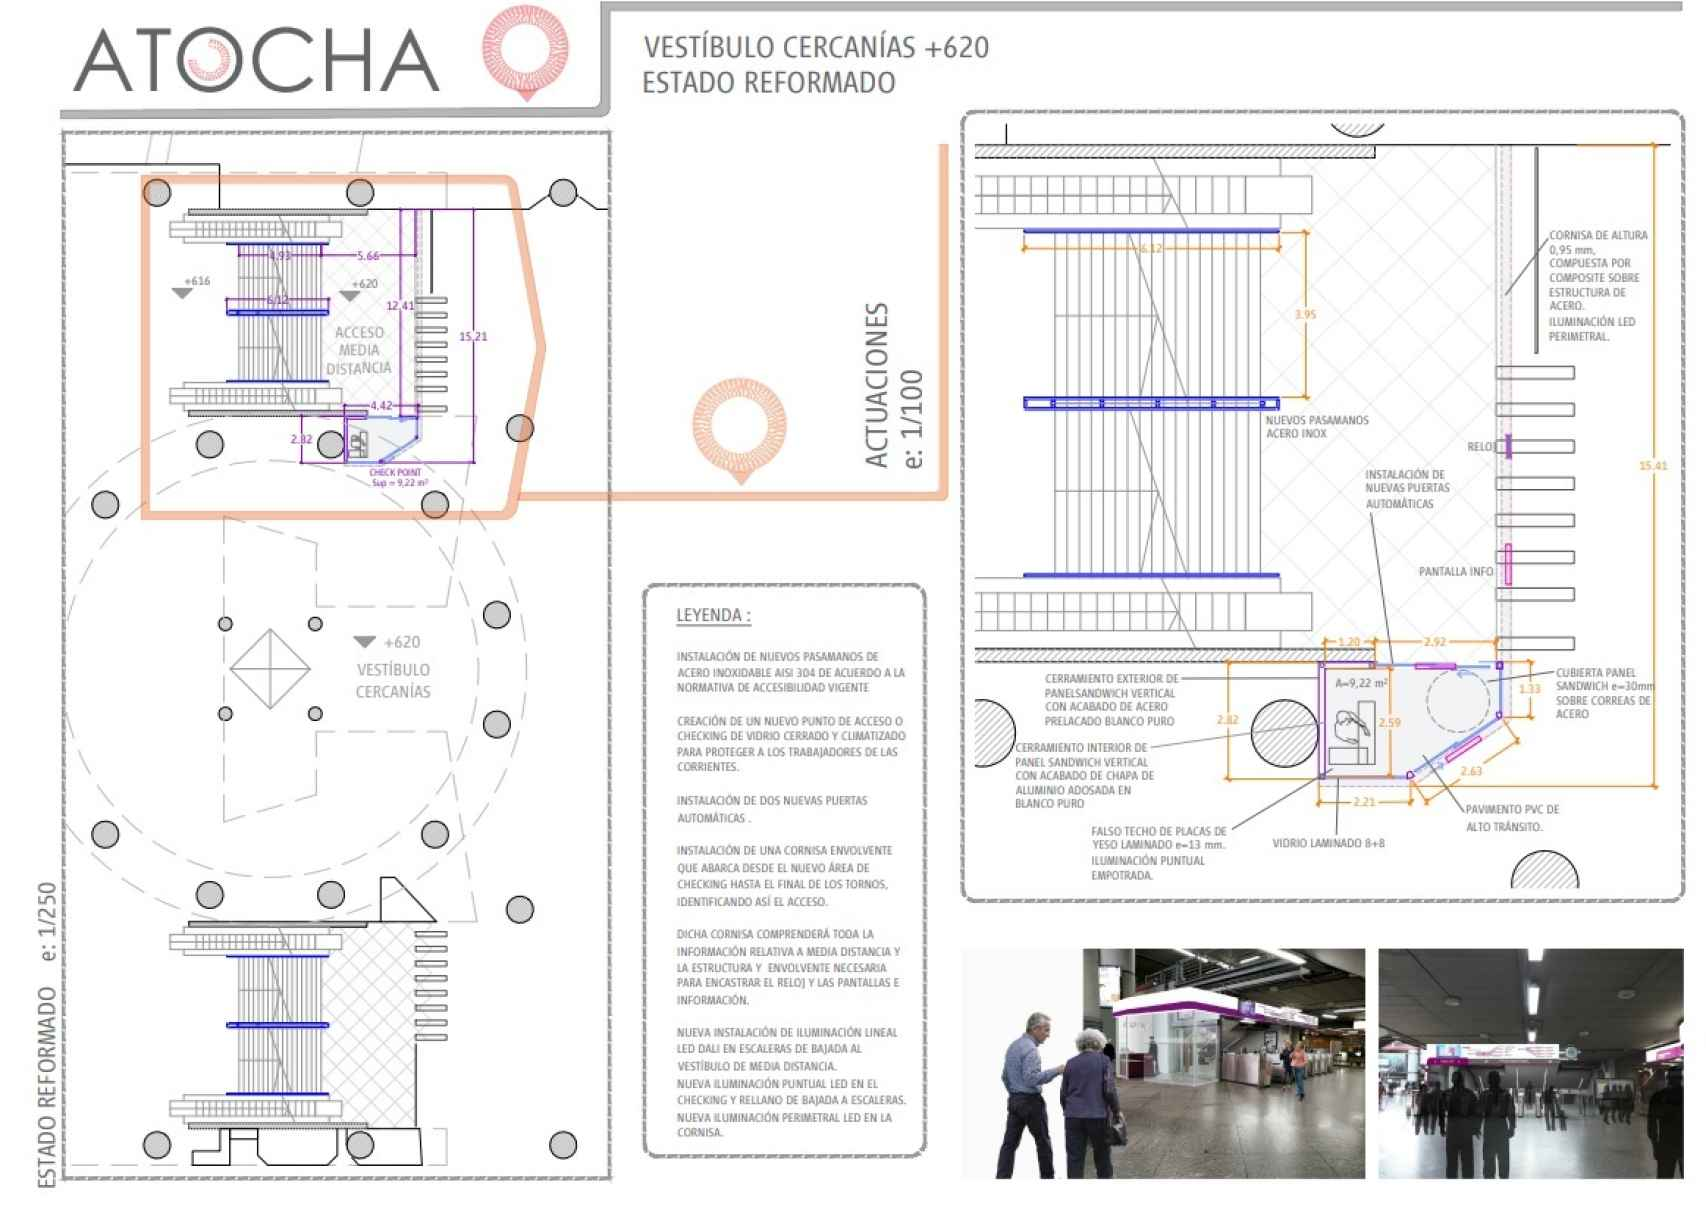 Plano del vestíbulo de Cercanías una vez acometida la reforma. Fuente: Renfe.